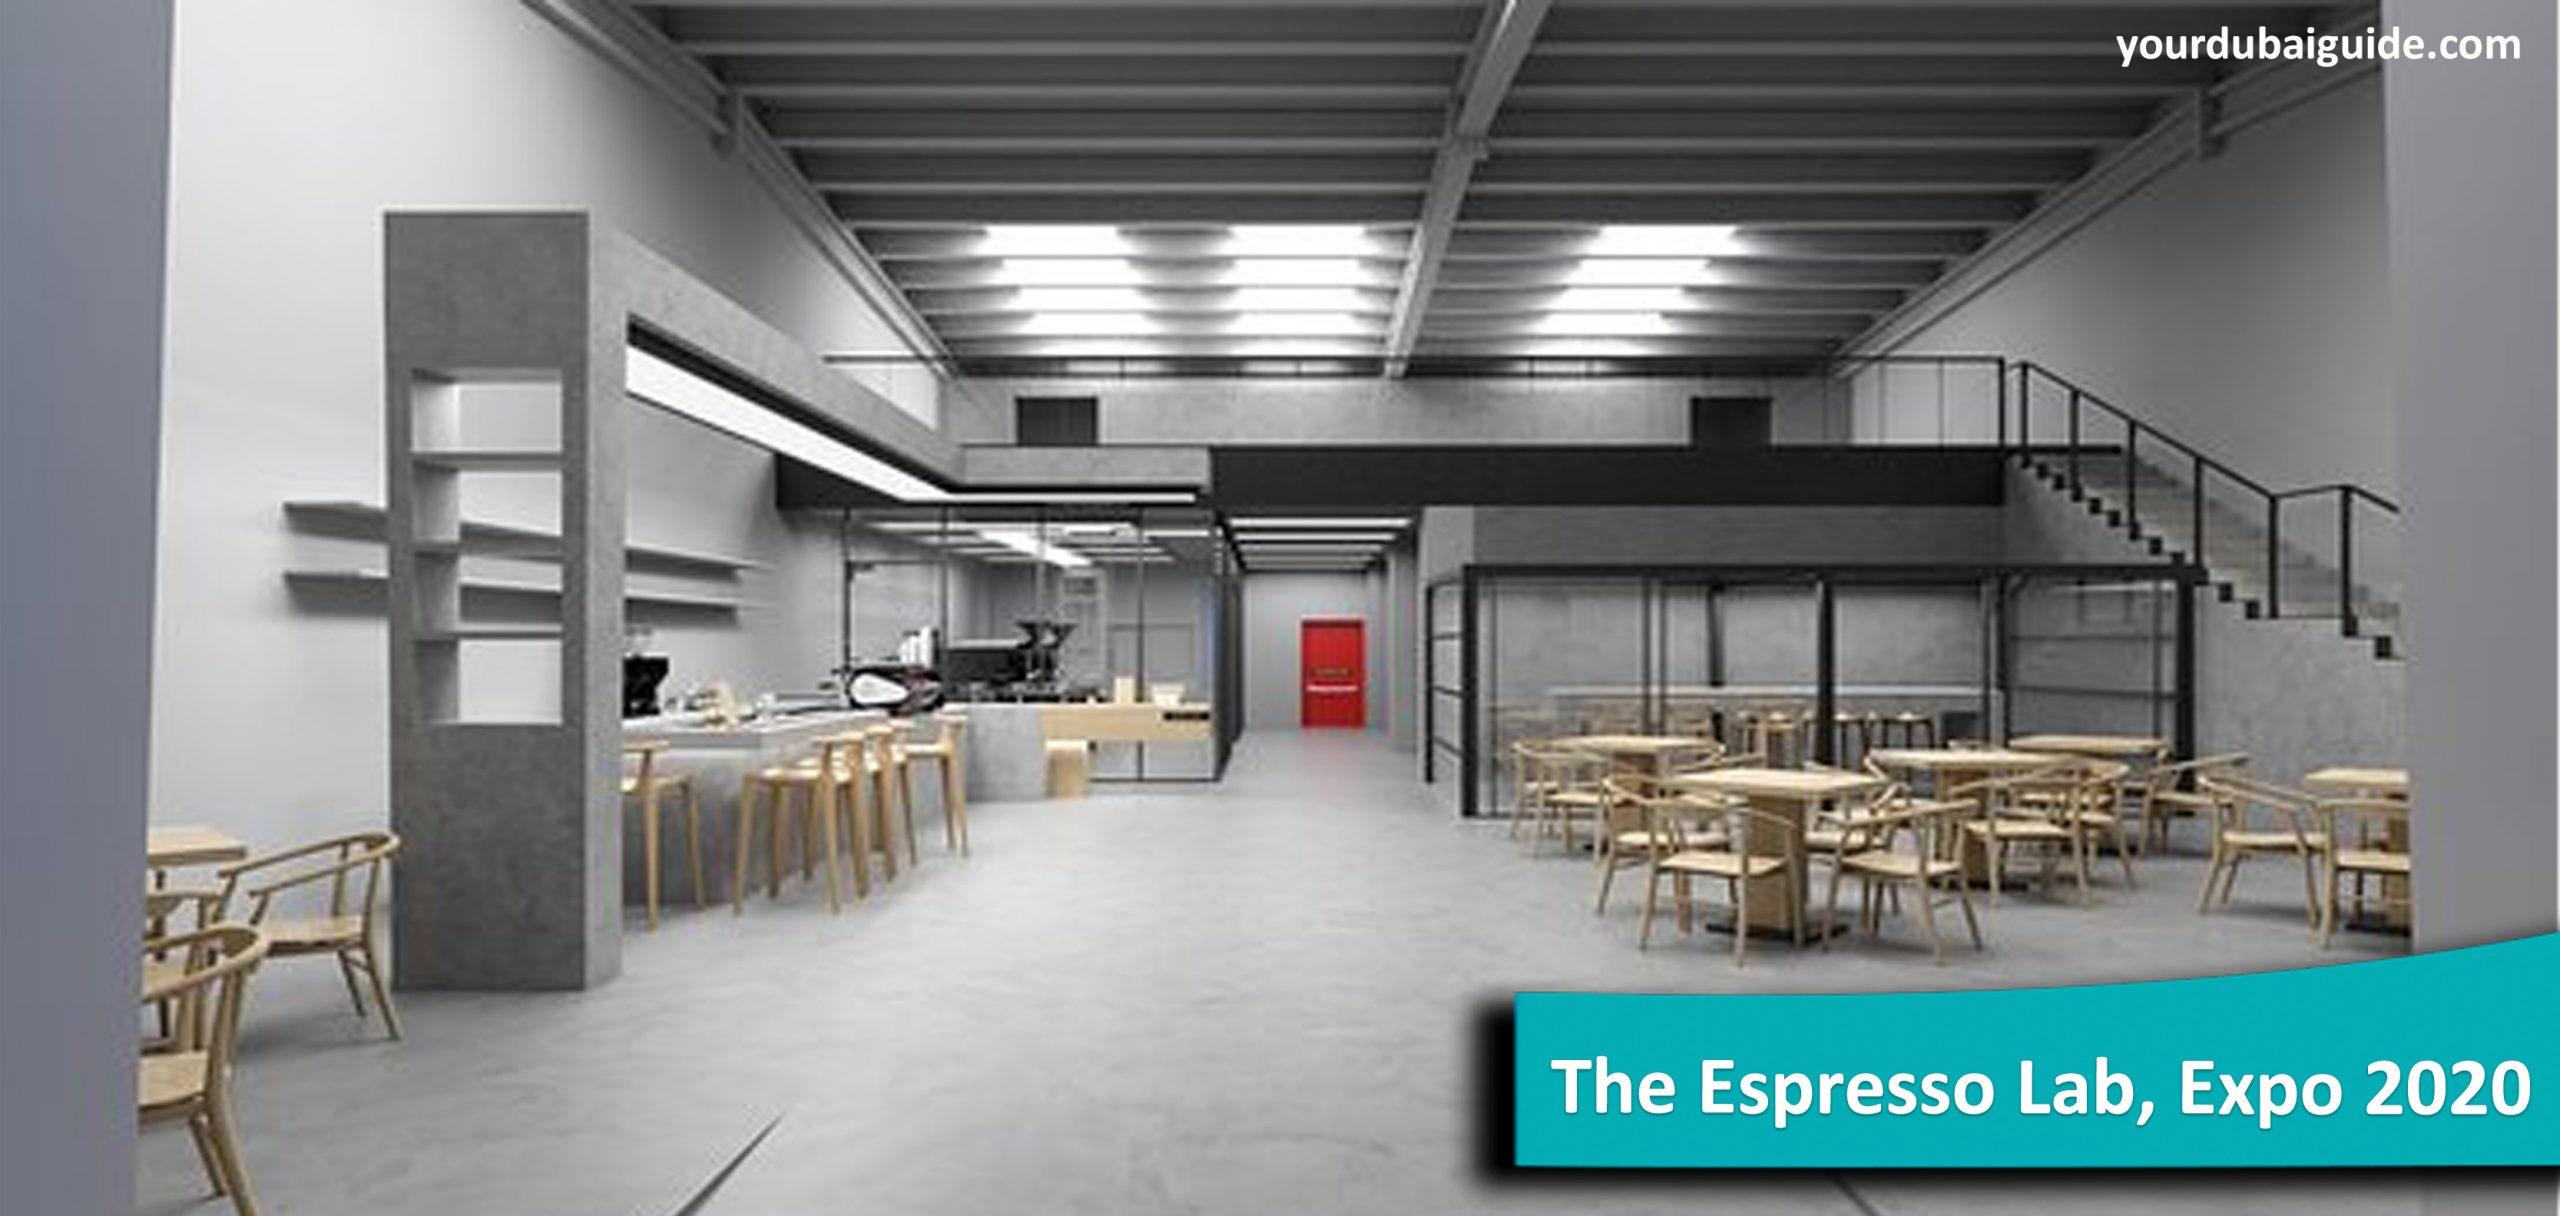 The Espresso Lab at Expo 2020, Dubai